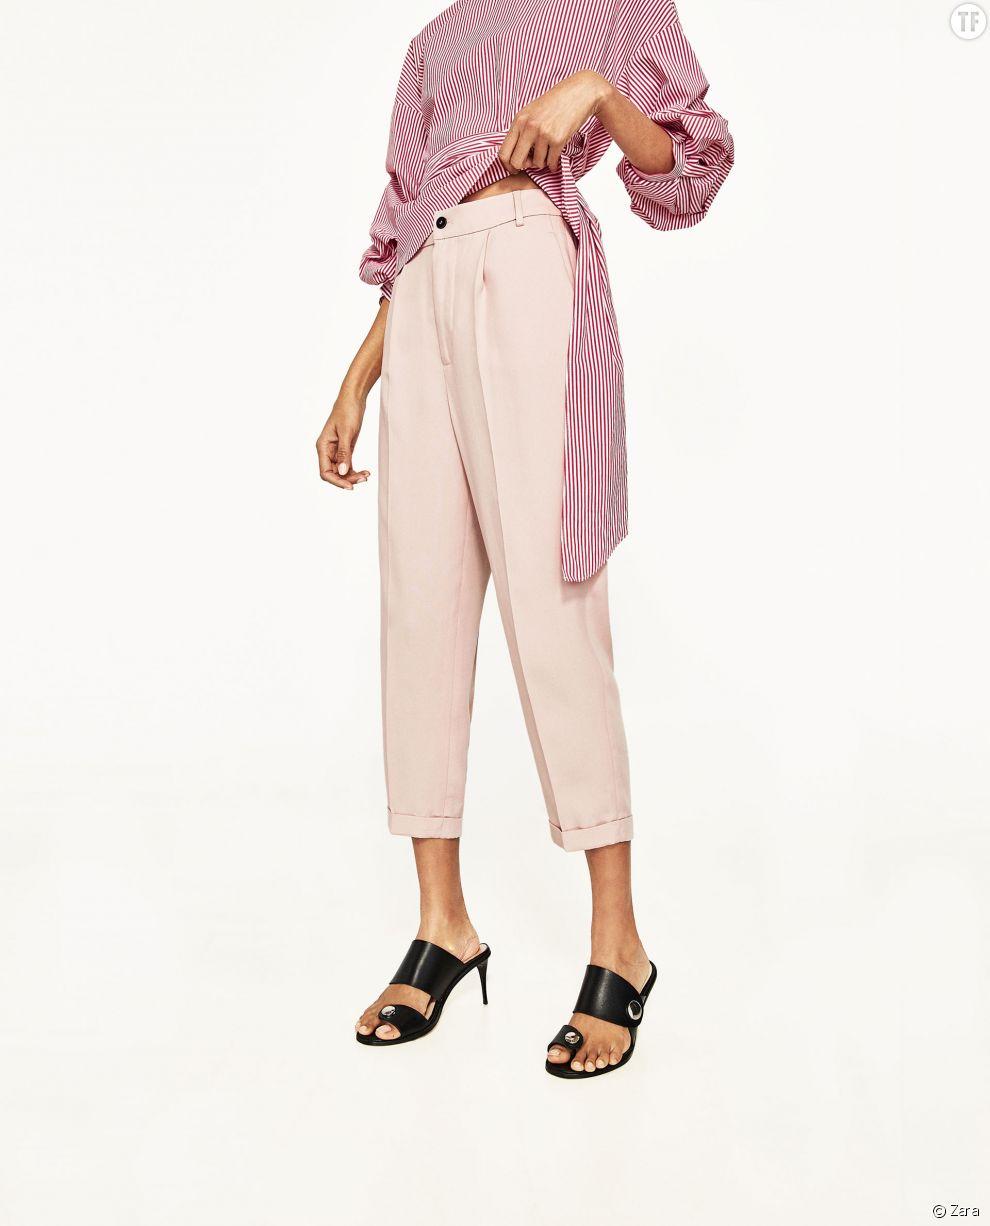 Pantalon 7/8 rose poudré Zara, 29,99€